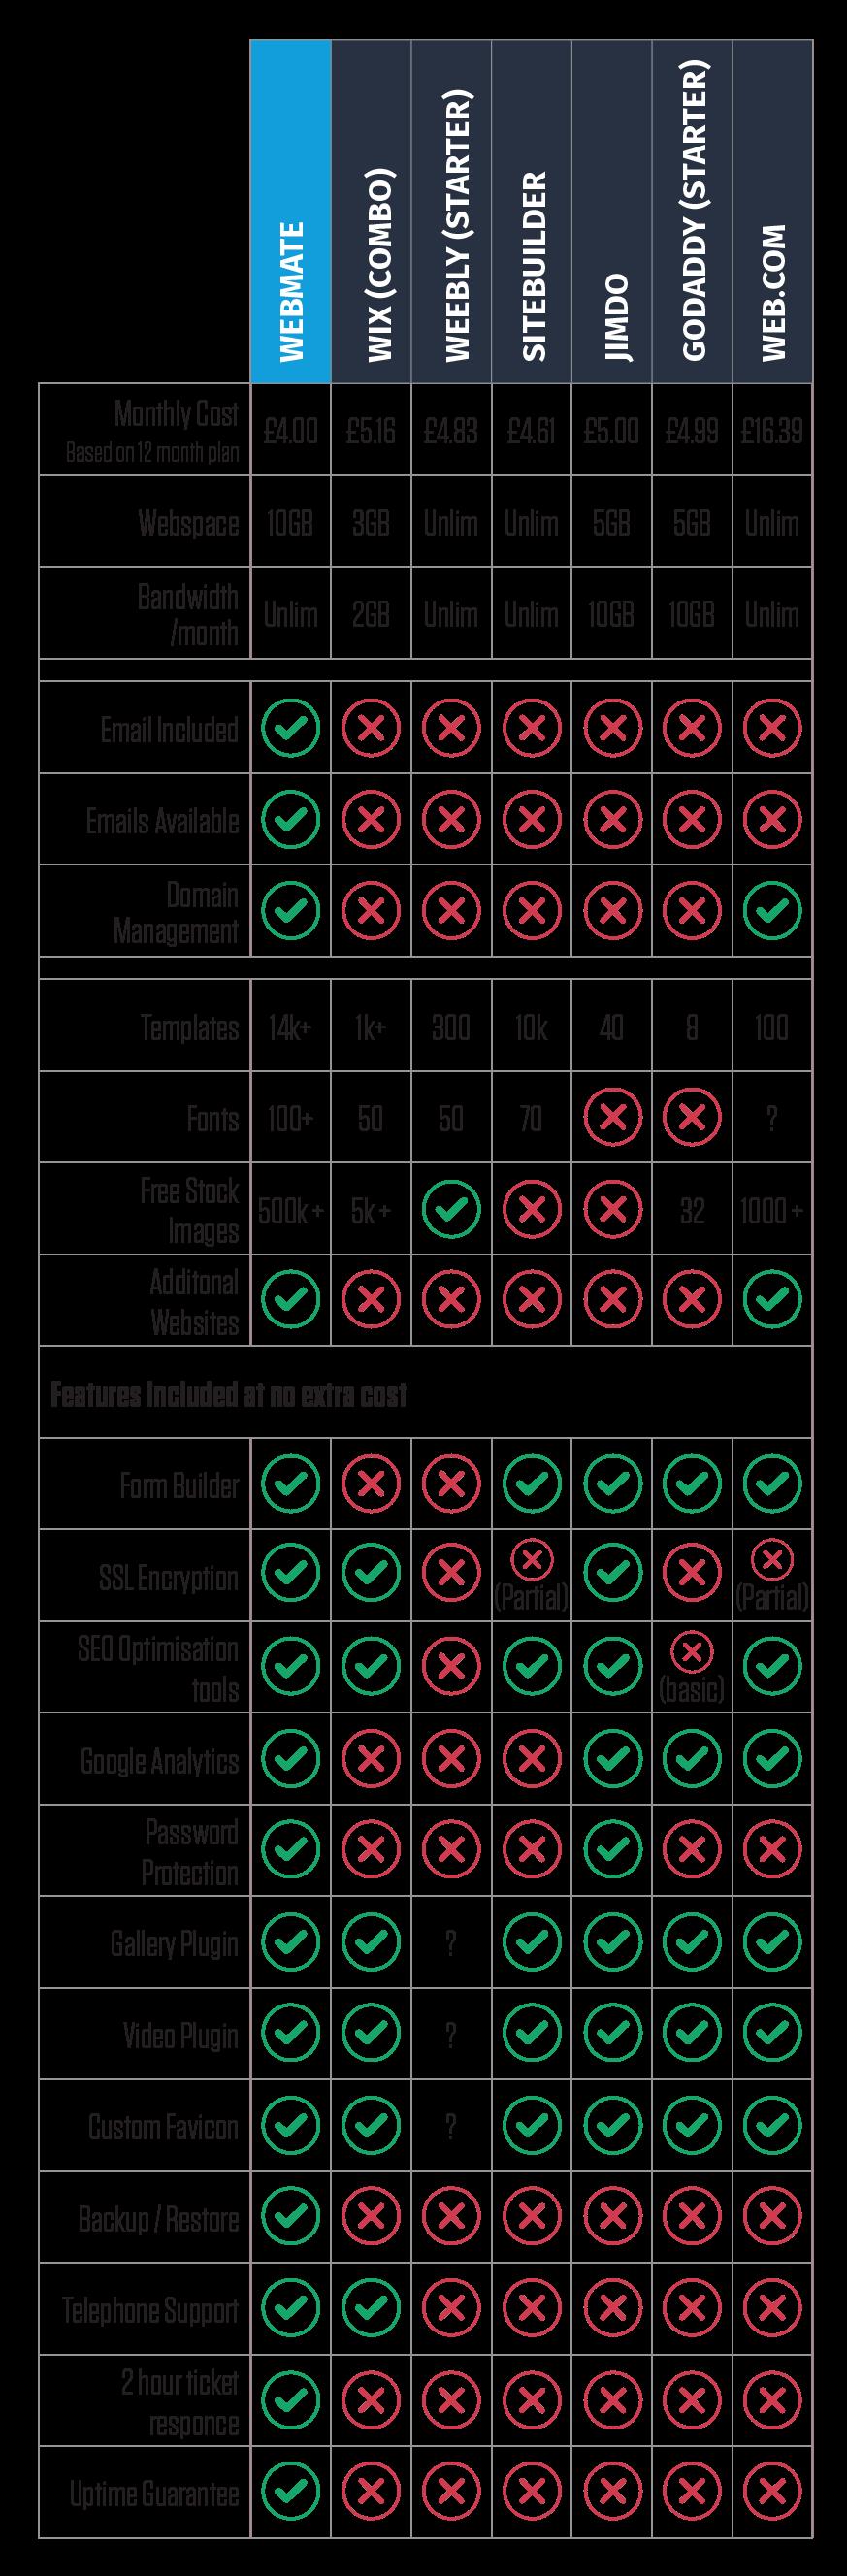 compare web builders